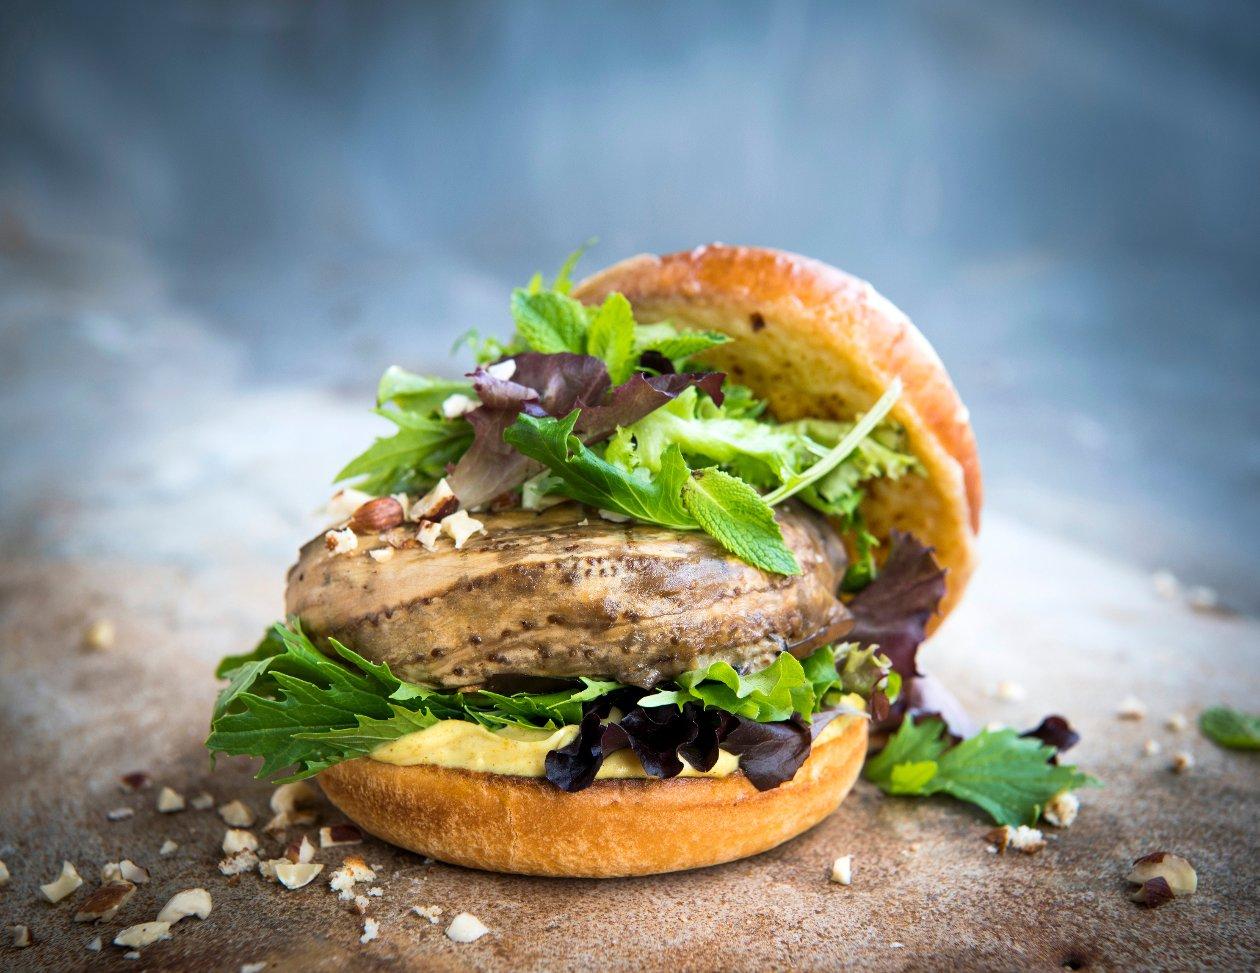 Burger à l'aubergine et aux épices Ras el hanout – Recette